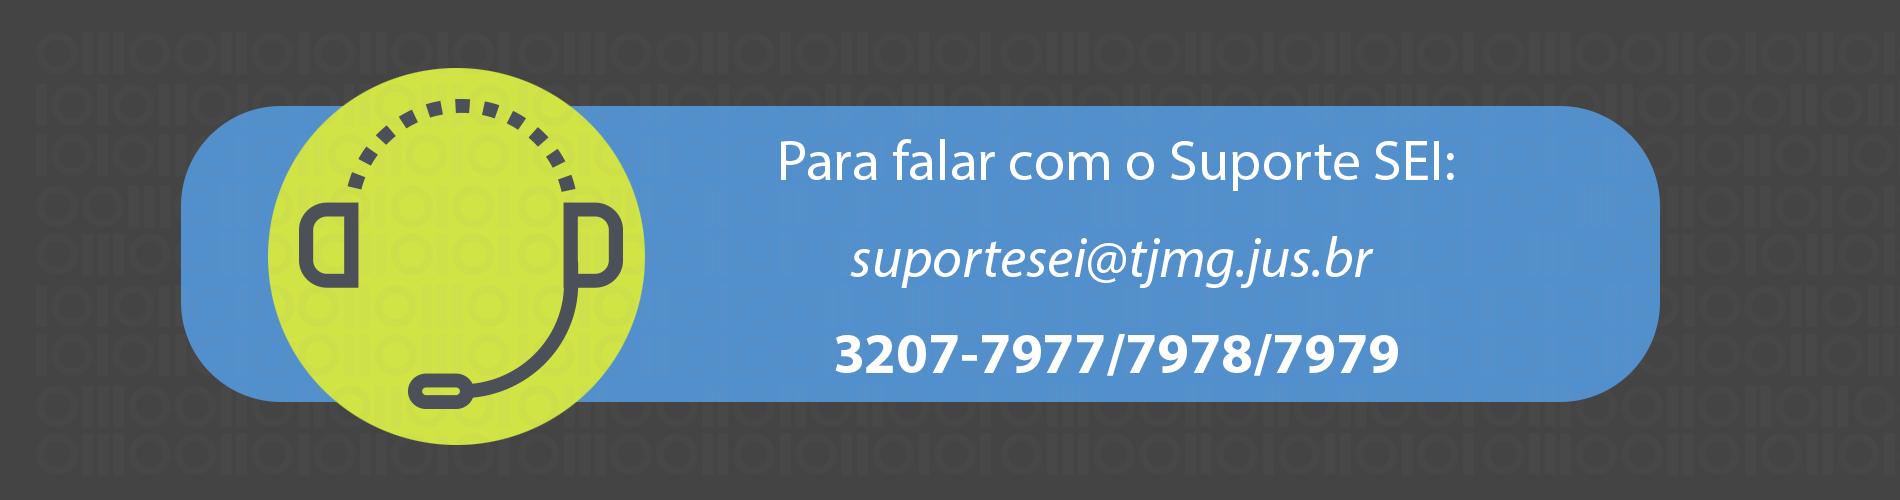 Para falar com o Suporte SEI: suportesei@tjmg.jus.br, 3207-7977, 3207-7978, 3207-7979.